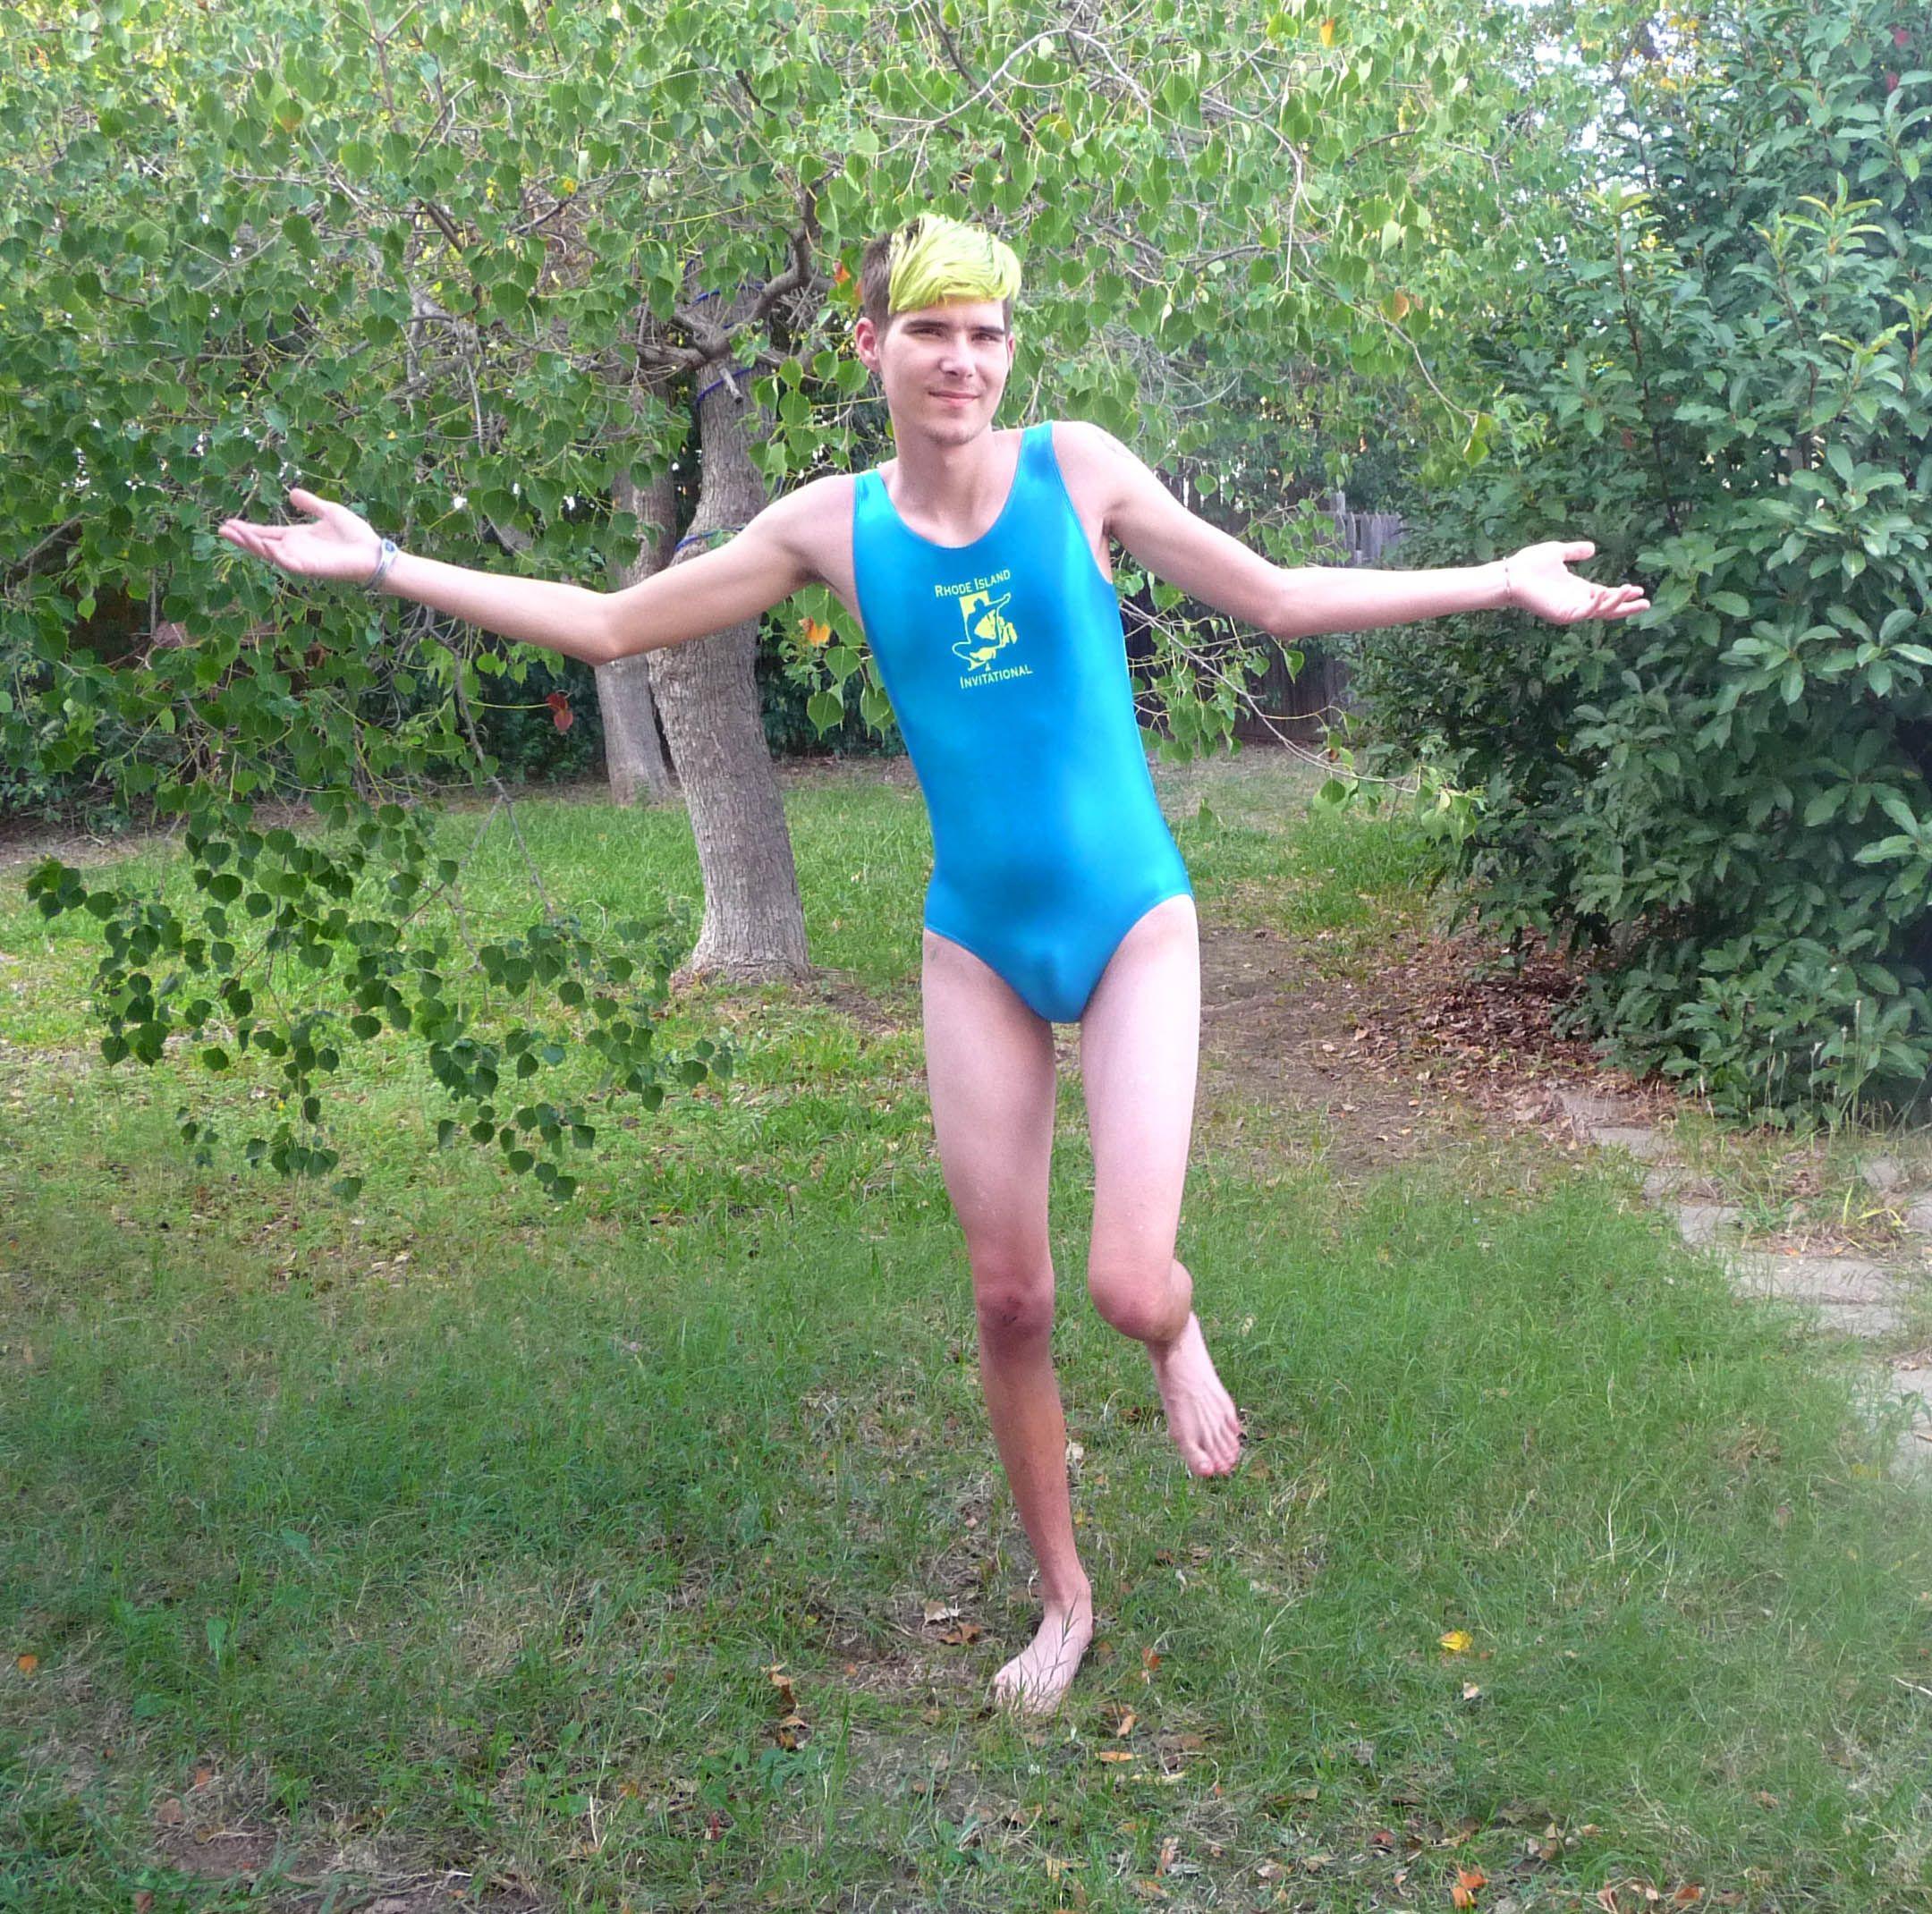 b2c399b2fa Boy wearing a Leotard Boys Wear, Leotards, Wetsuit, How To Wear, Swimwear